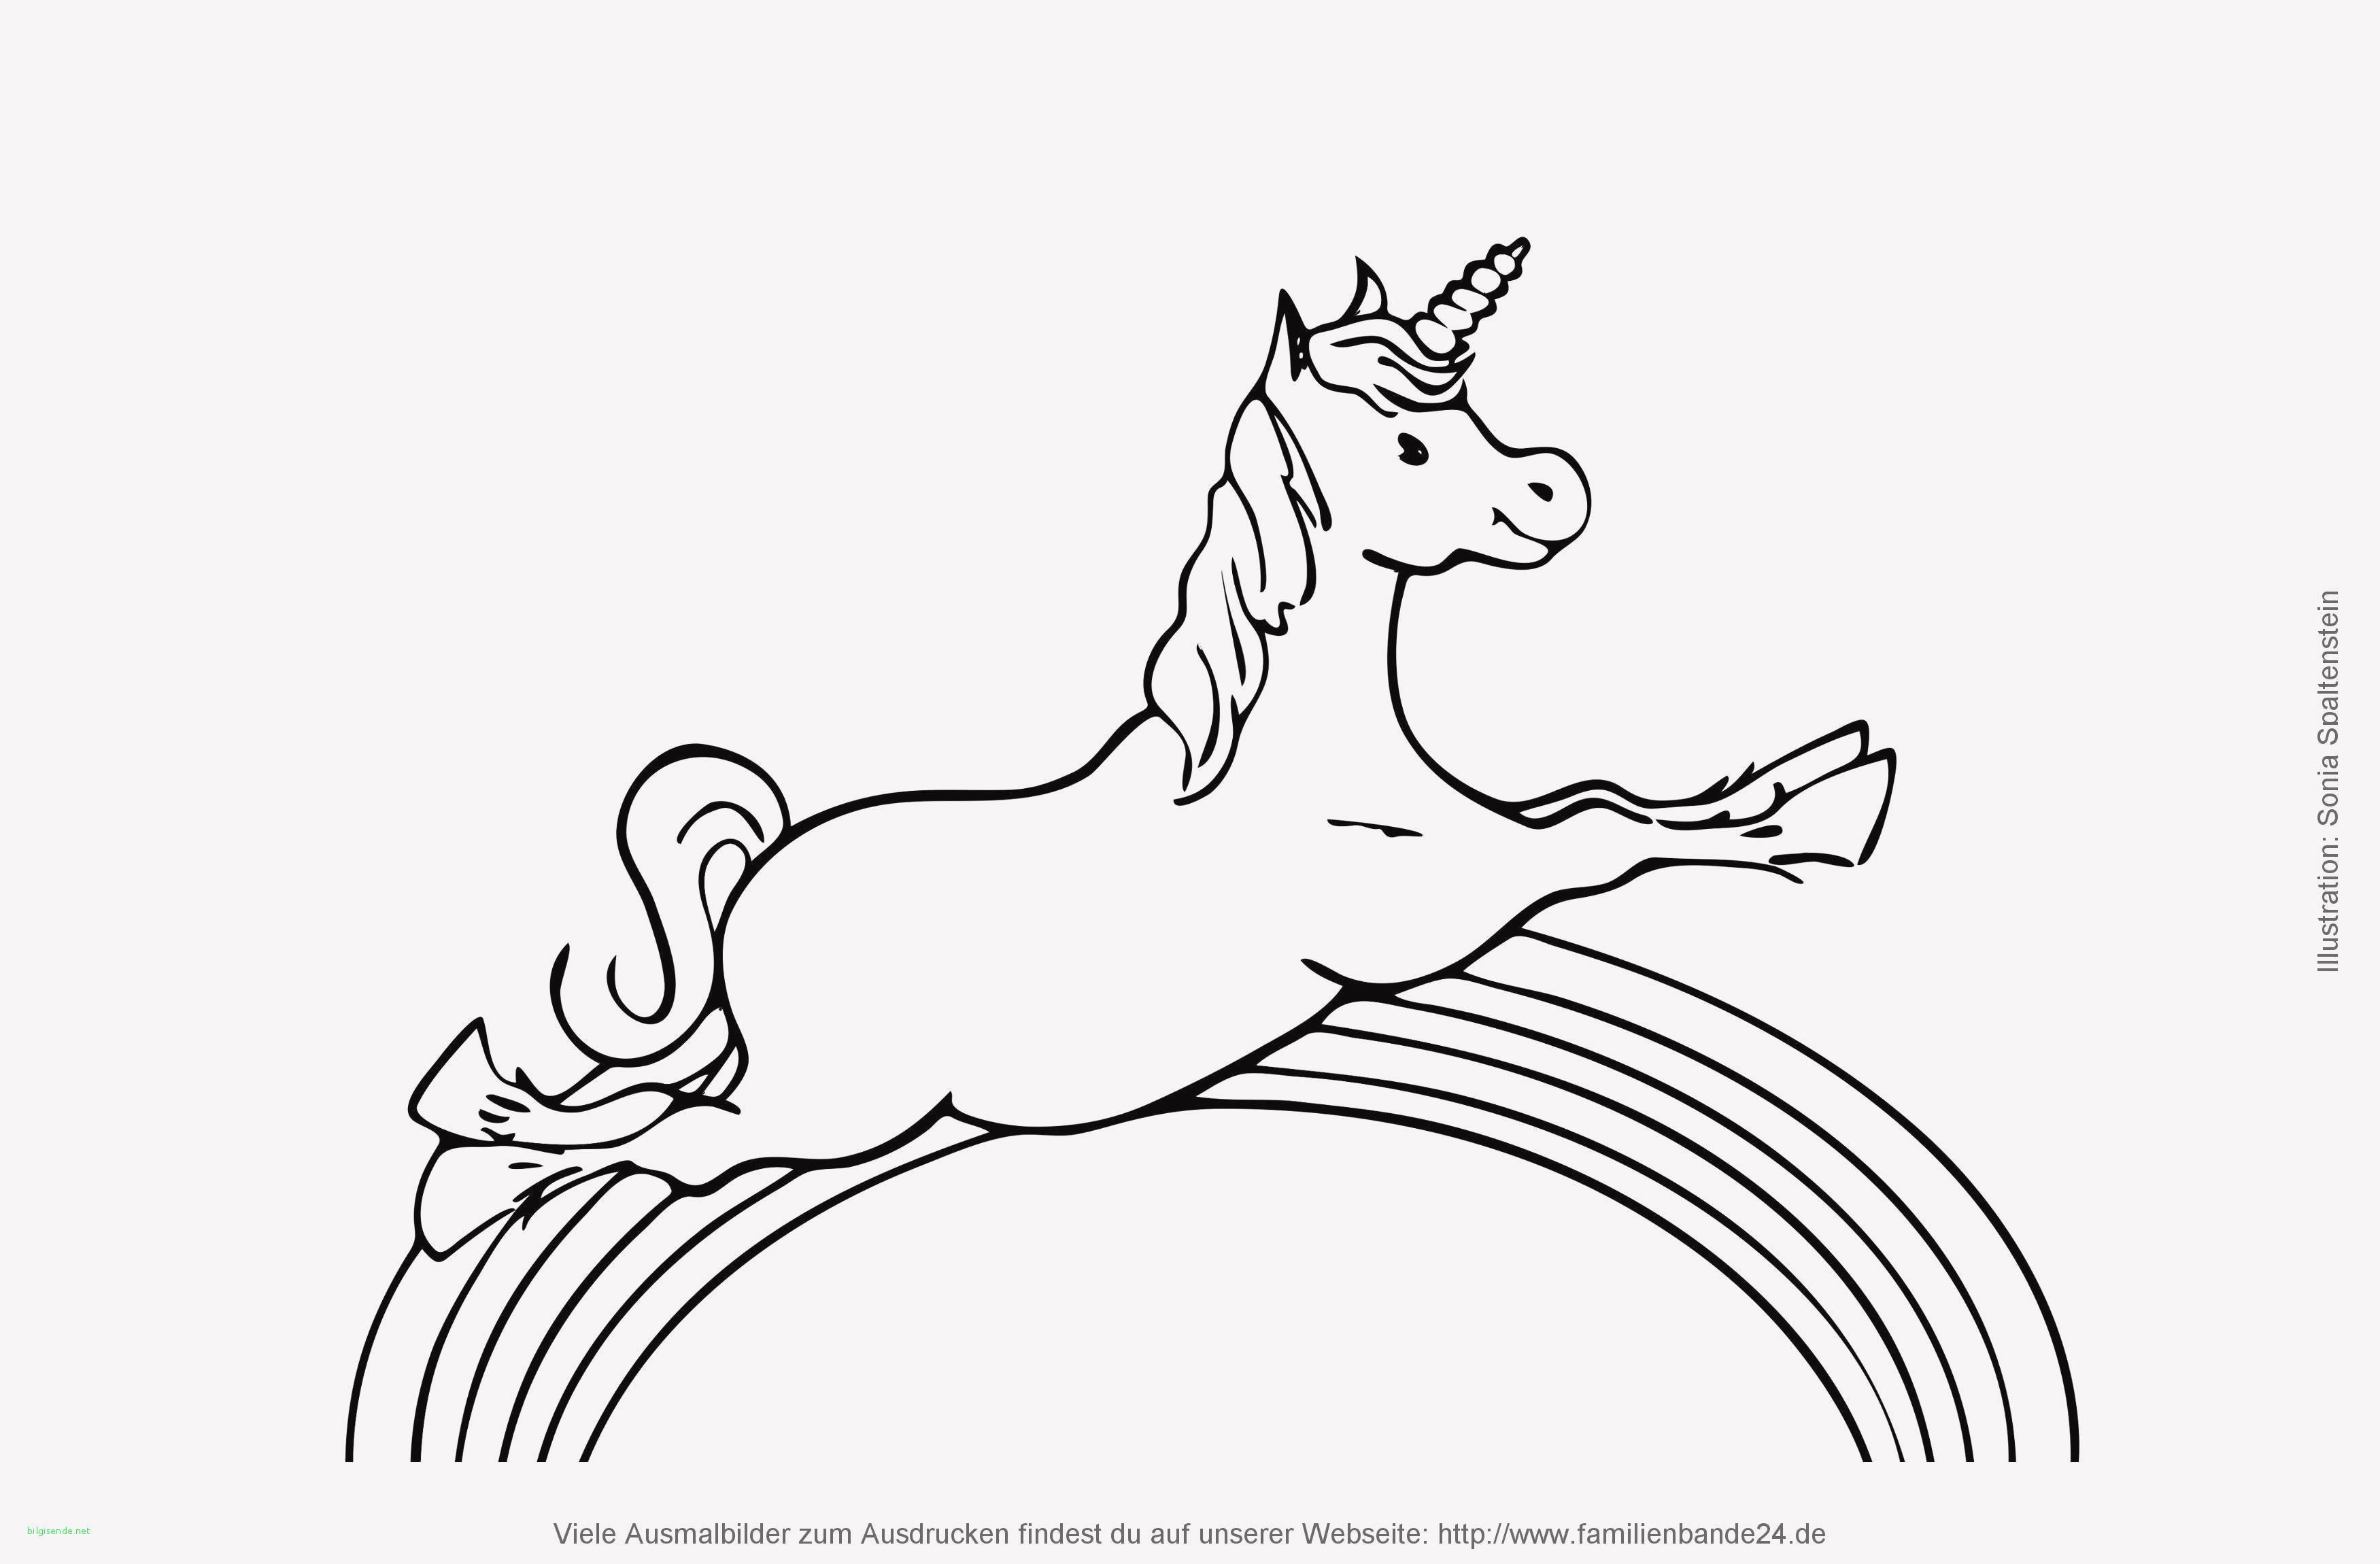 Ausmalbild Einhorn Mit Fee Frisch 25 Genial Ausmalbilder Prinzessin Und Einhorn Stock